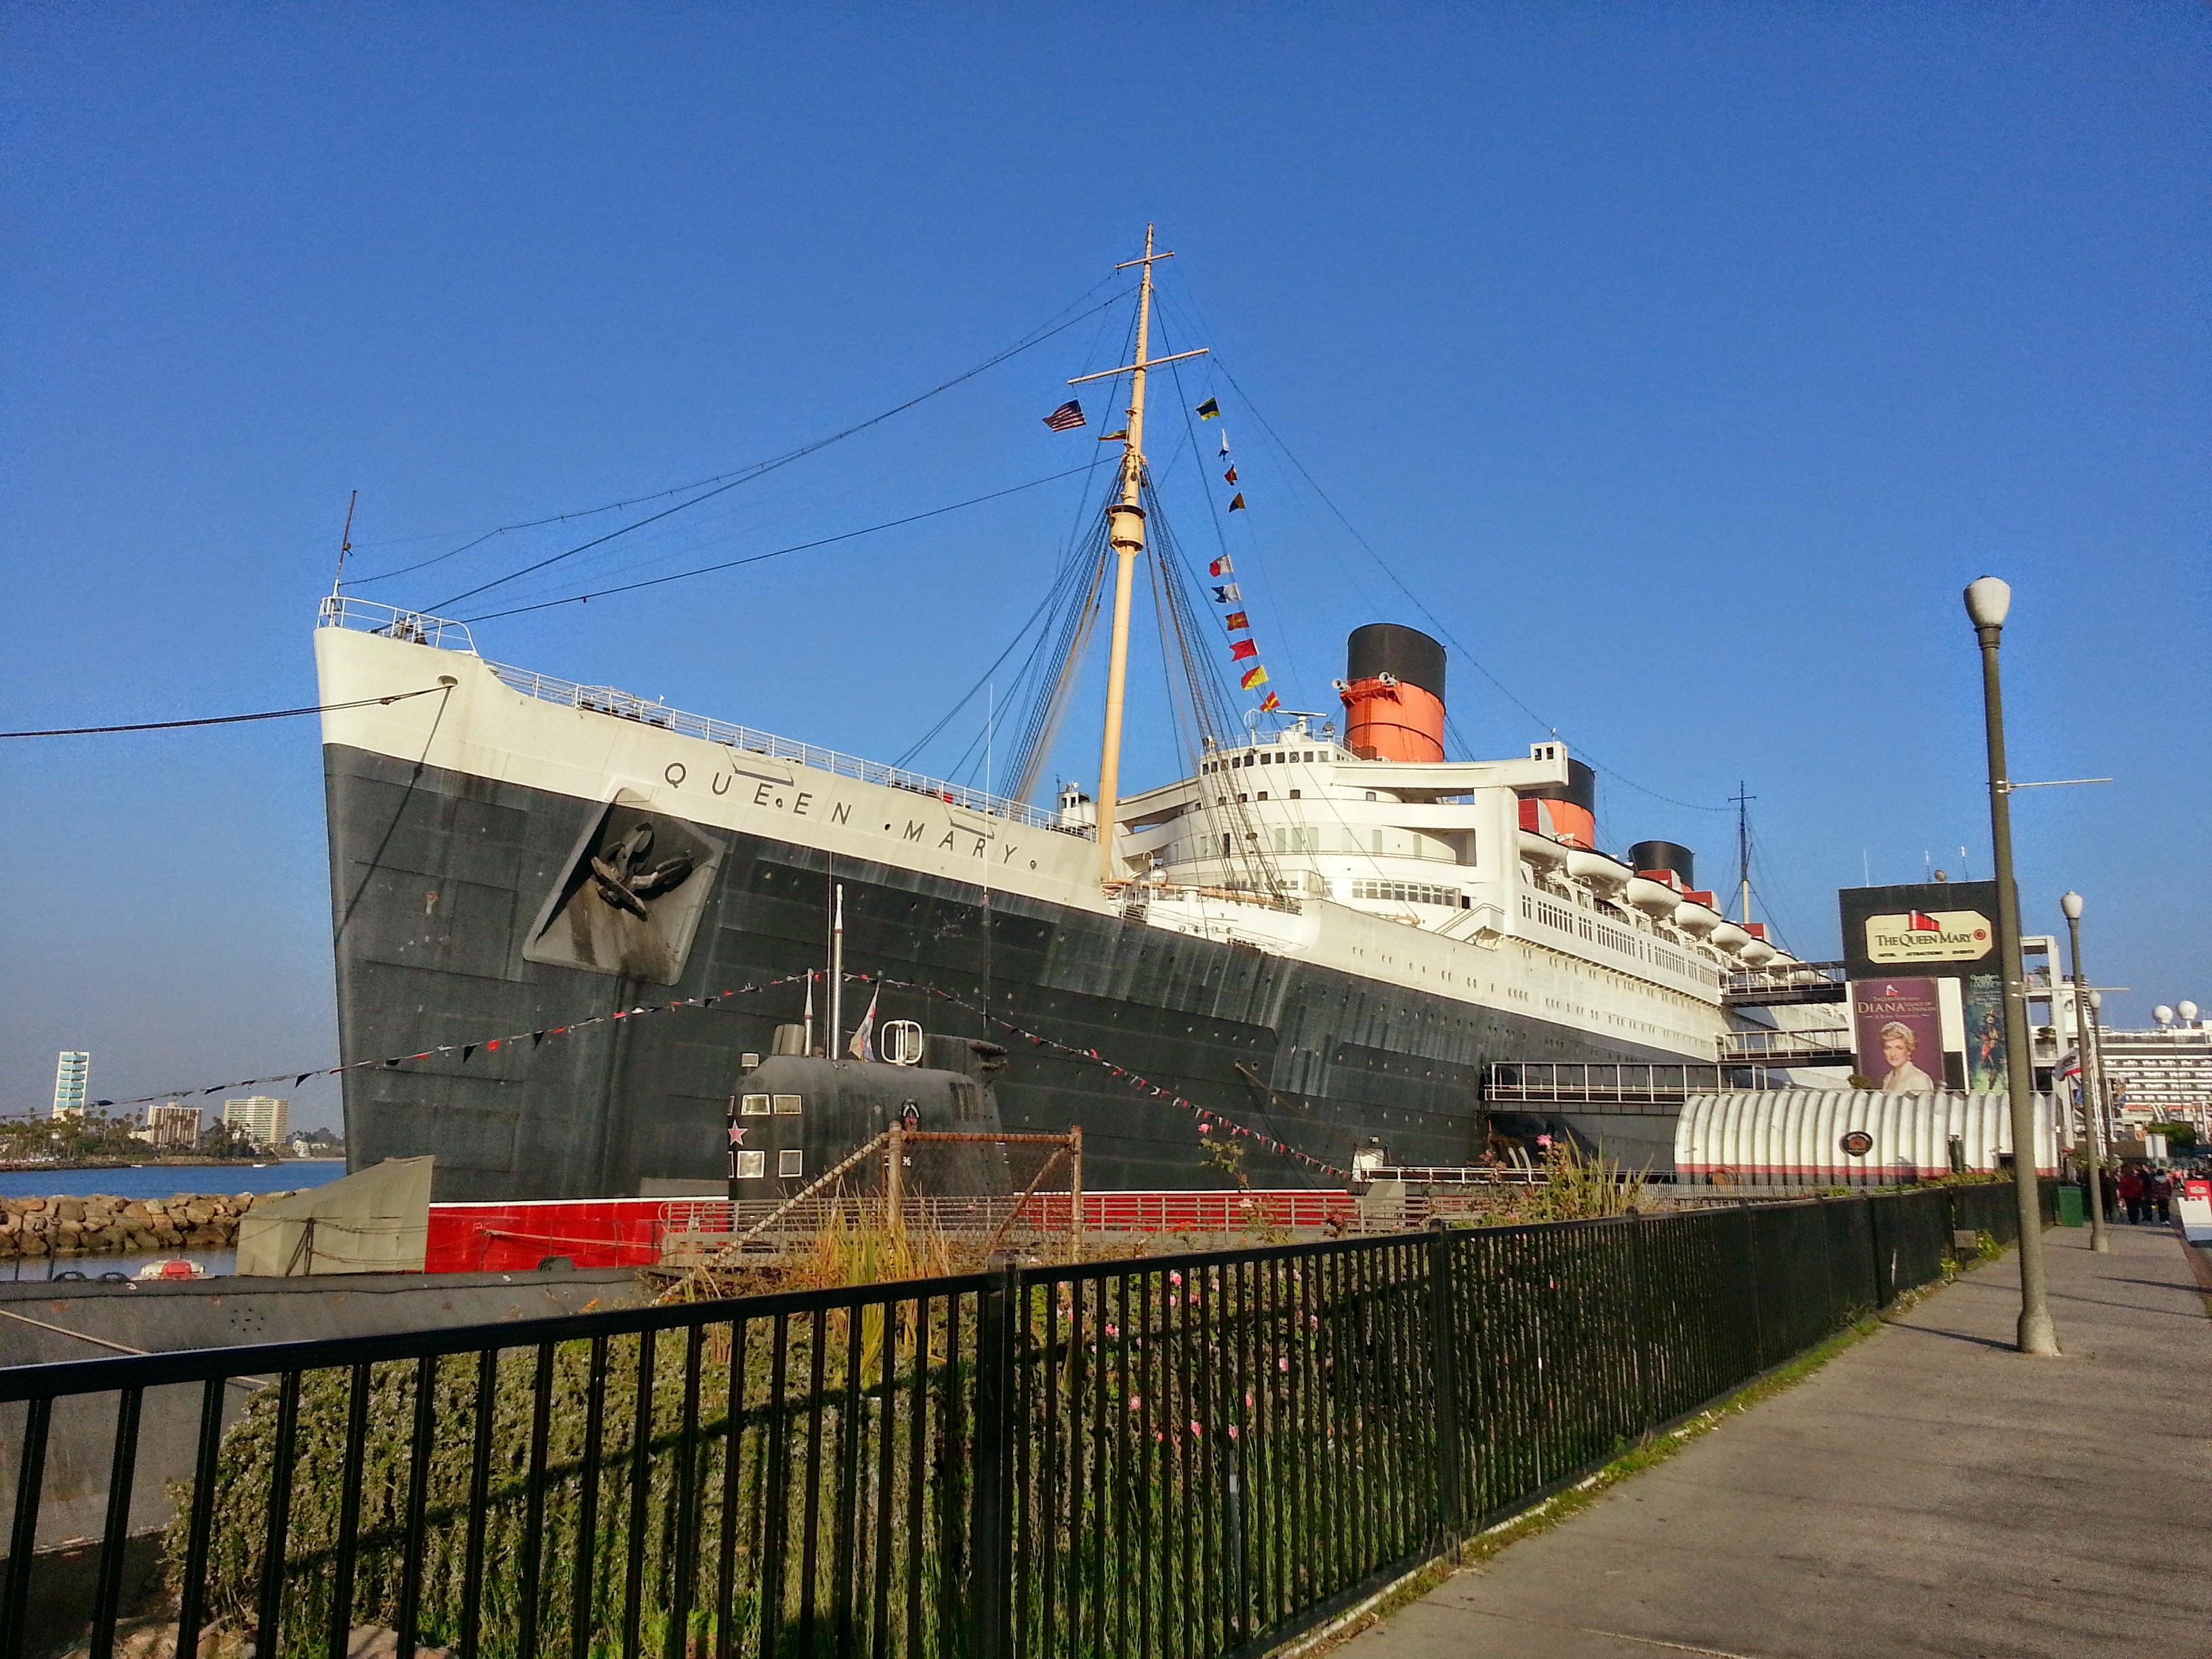 Queen Mary Dark Harbor Halloween Event 2014 | Dani's Decadent Deals